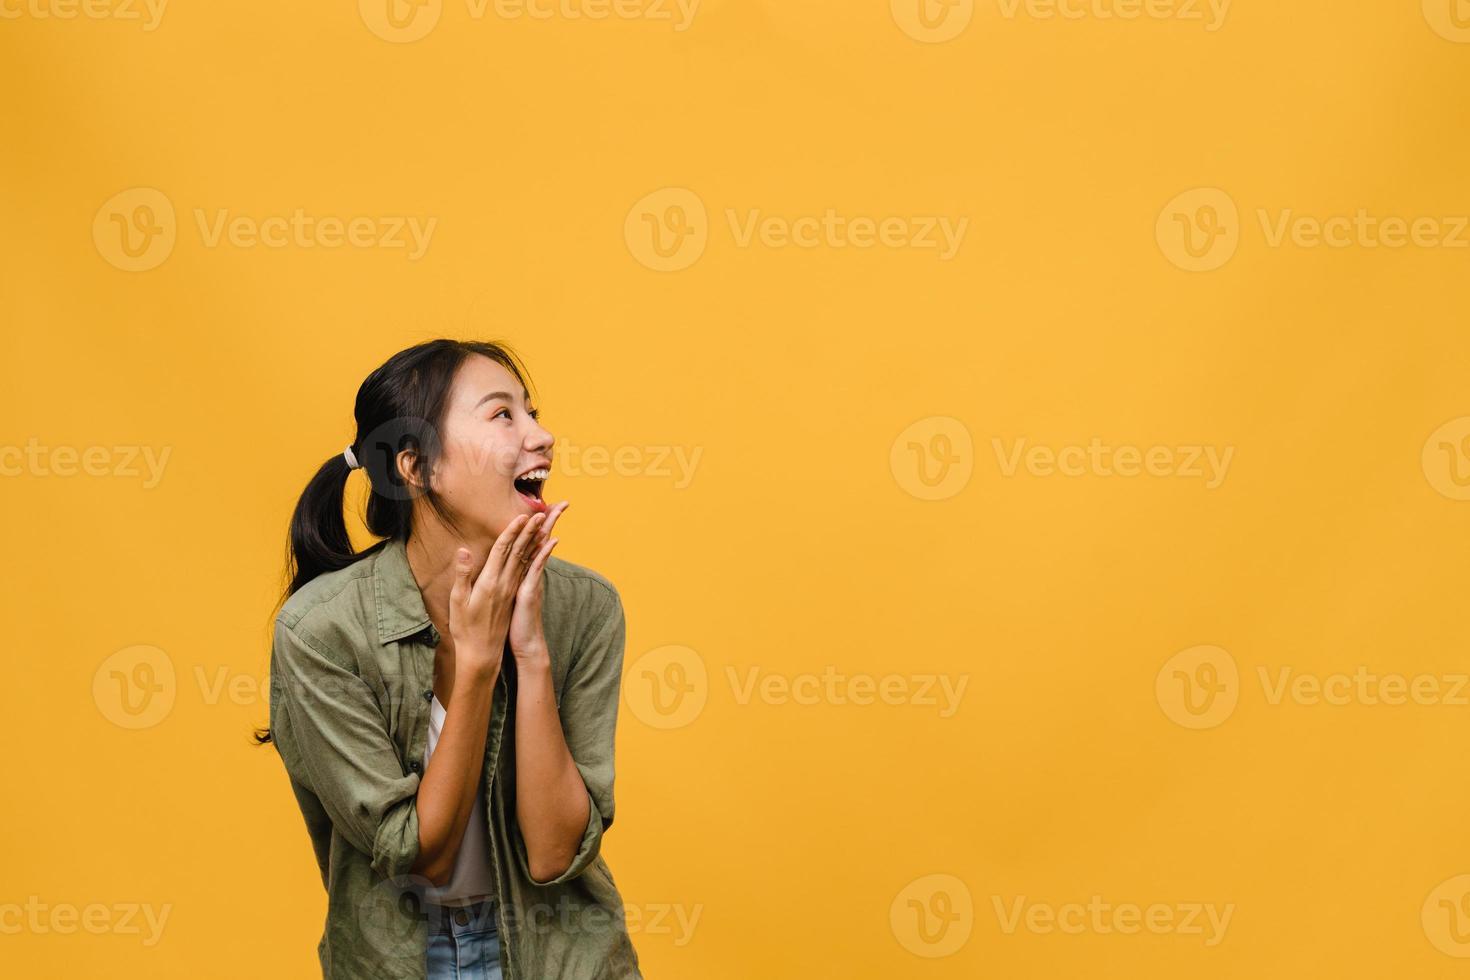 jonge aziatische dame voelt geluk met positieve uitdrukking, vrolijke verrassing funky, gekleed in casual doek geïsoleerd op gele achtergrond. gelukkige schattige blije vrouw verheugt zich over succes. gezichtsuitdrukking. foto